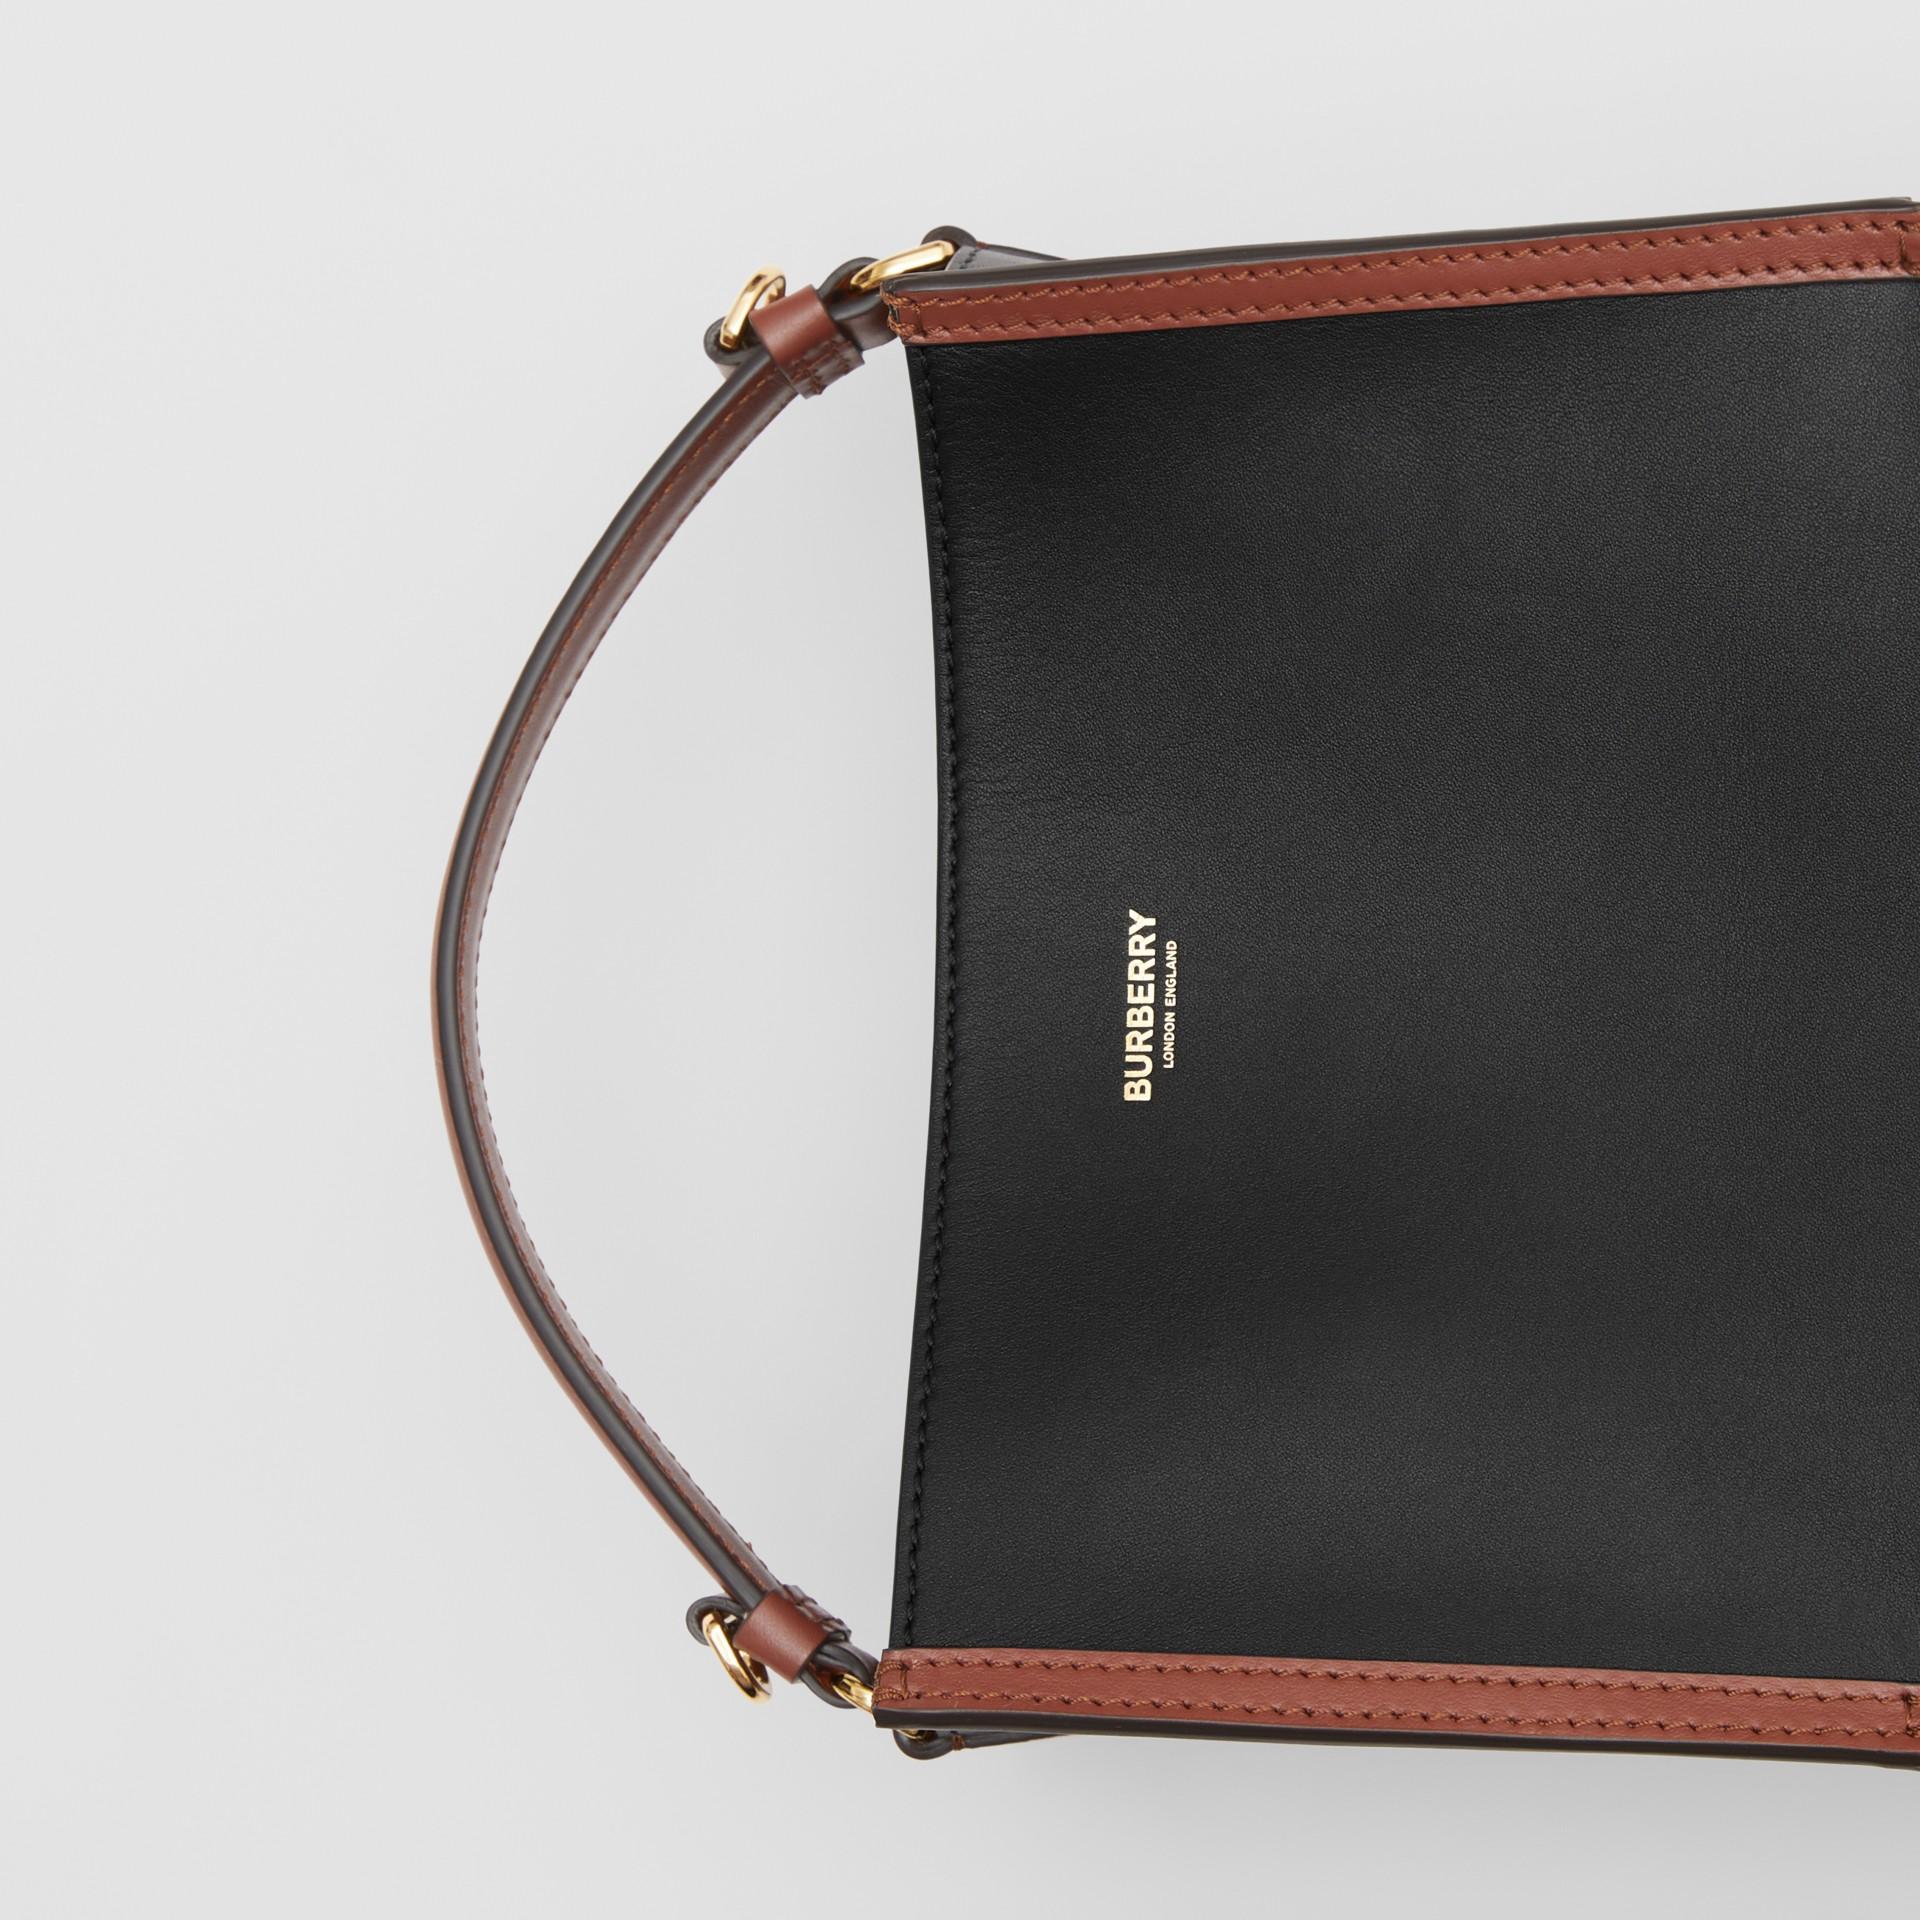 스몰 투톤 레더 페기 버킷 백 (블랙) - 여성 | Burberry - 갤러리 이미지 1